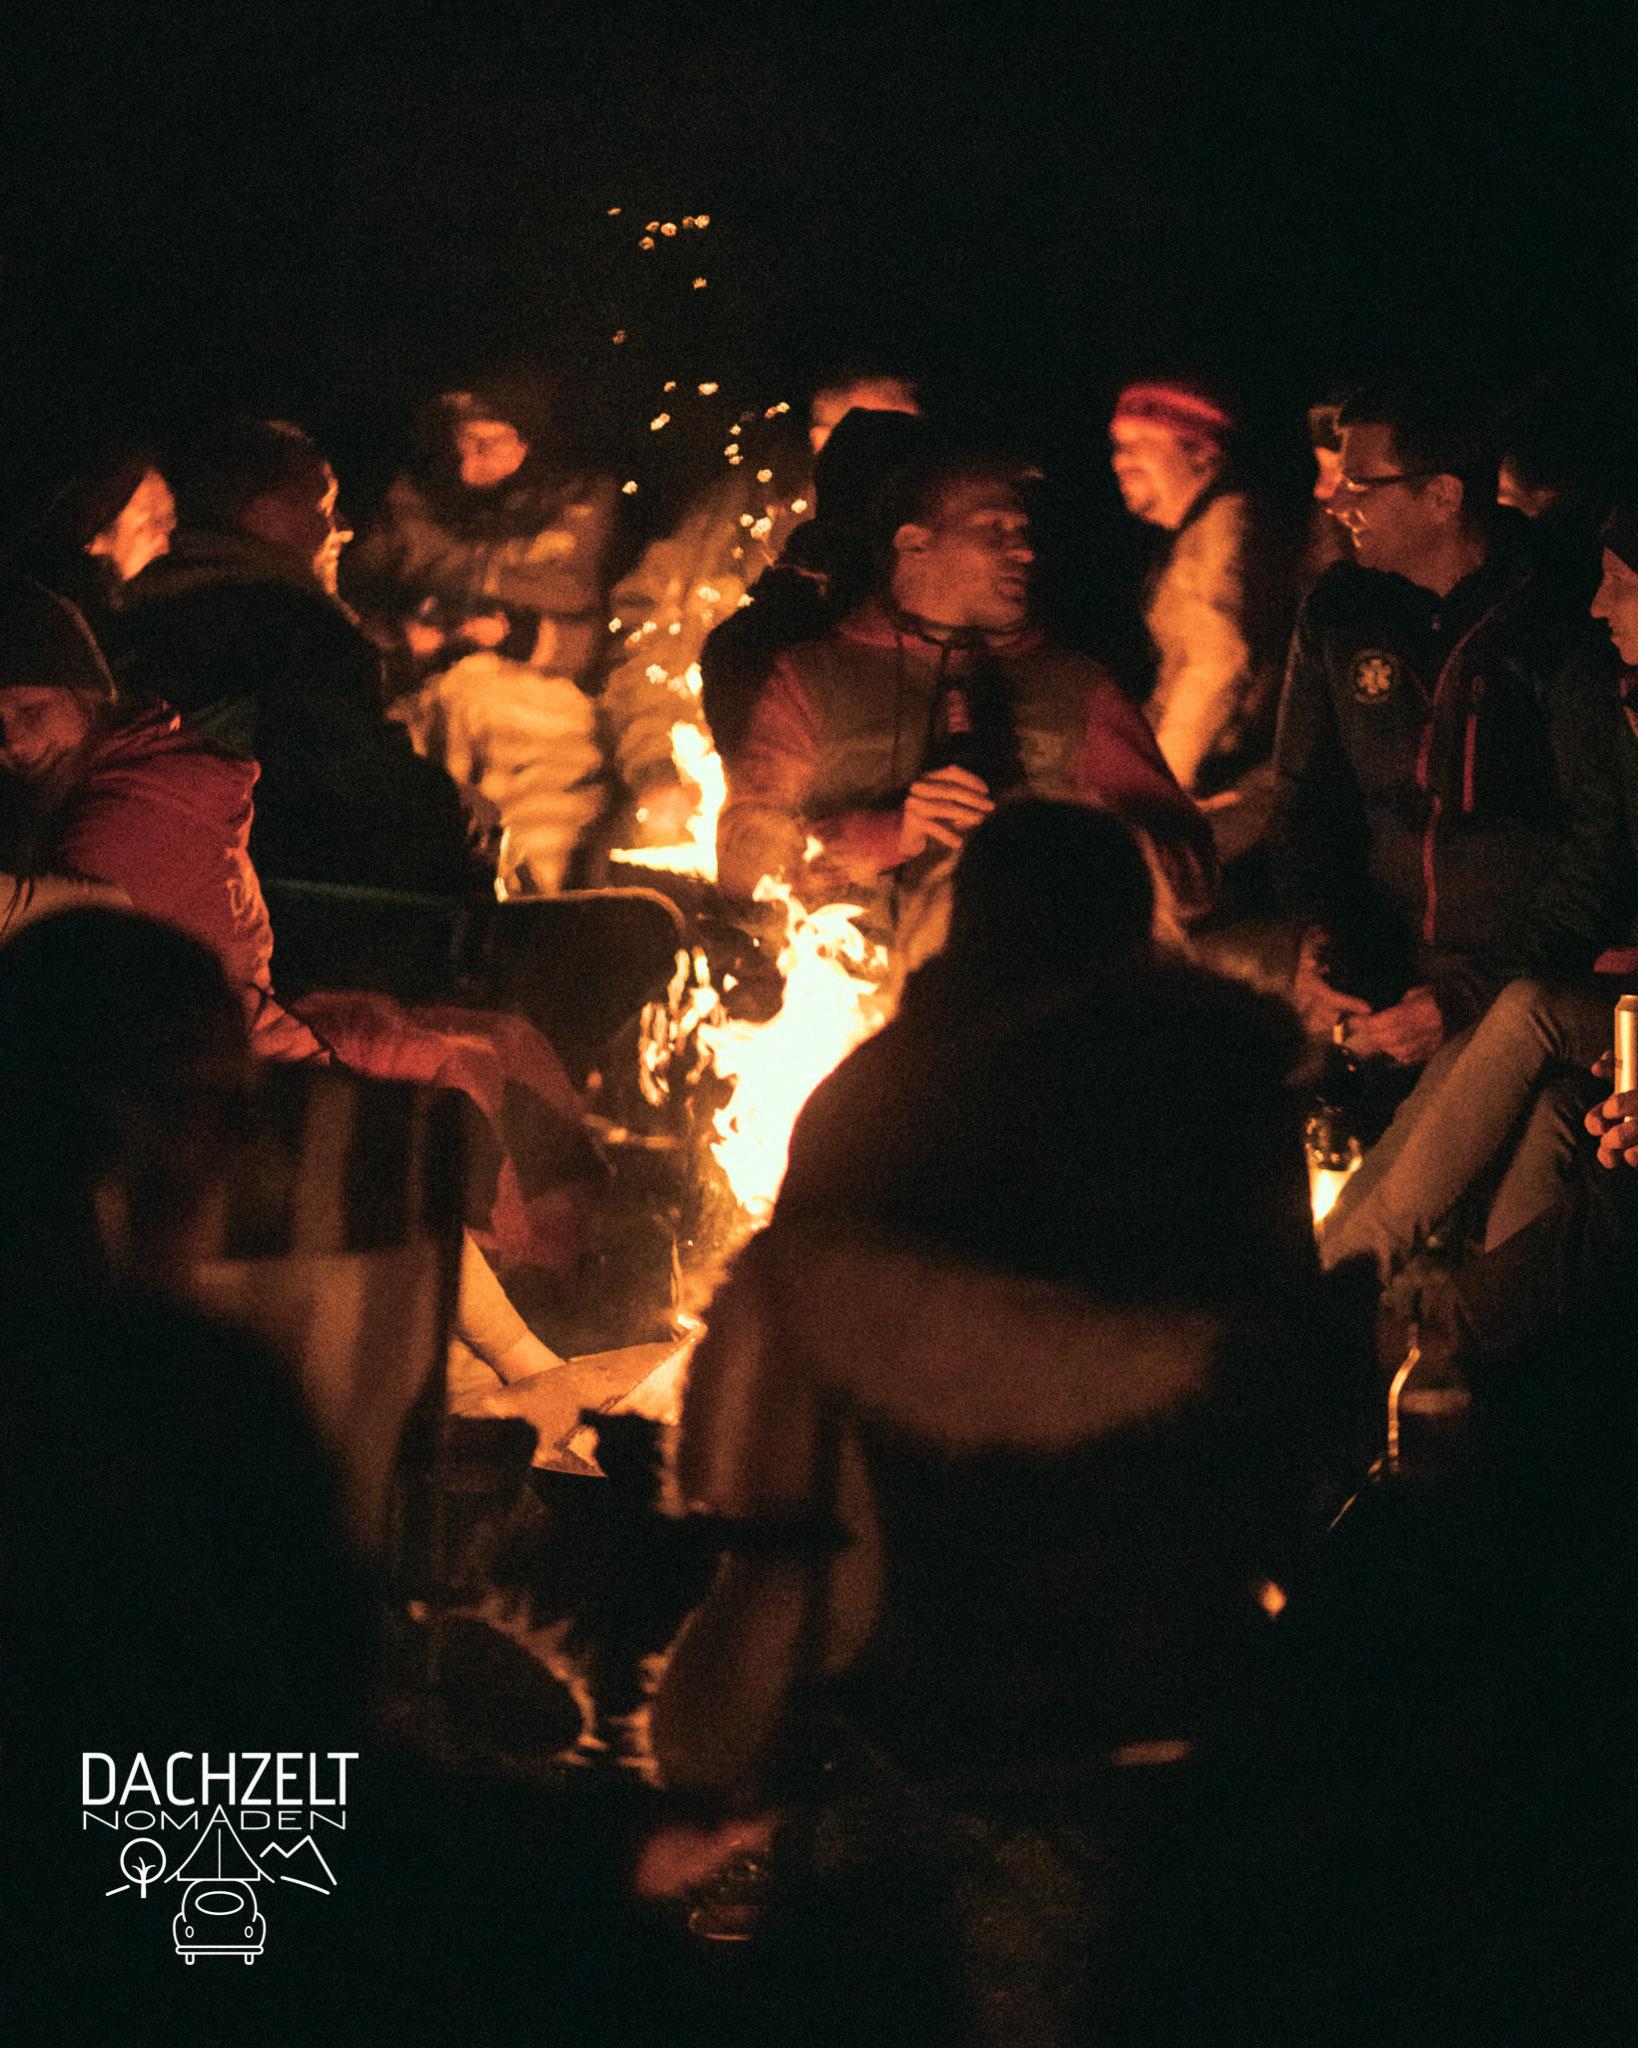 20191003-Dachzelt-Meetup-Hamburg-Dennis-Brandt- DB 0990